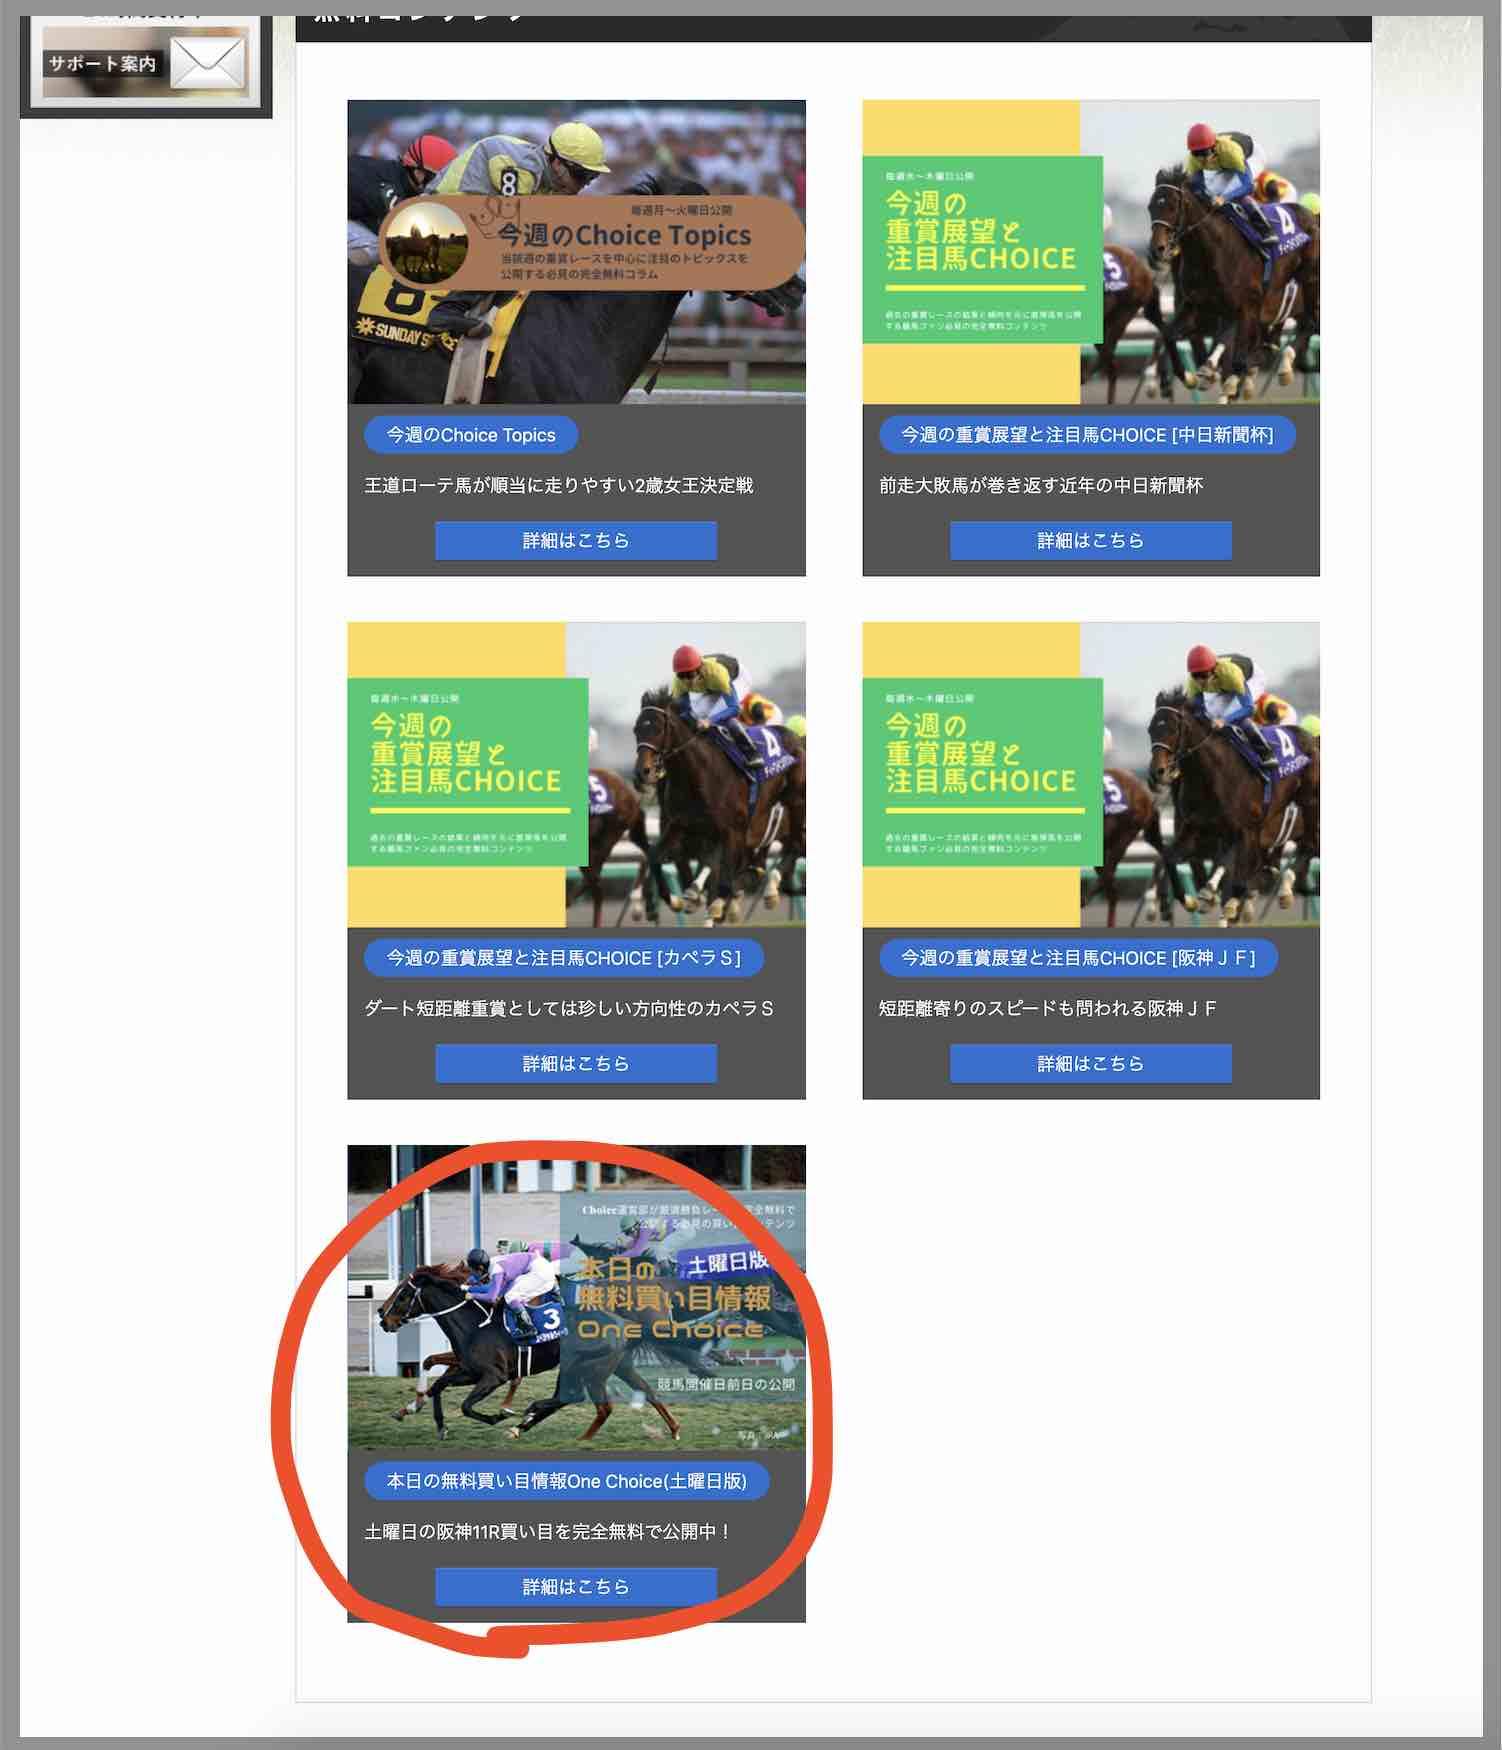 CHOICE(チョイス)という競馬予想サイトの無料予想(無料情報)を確認する